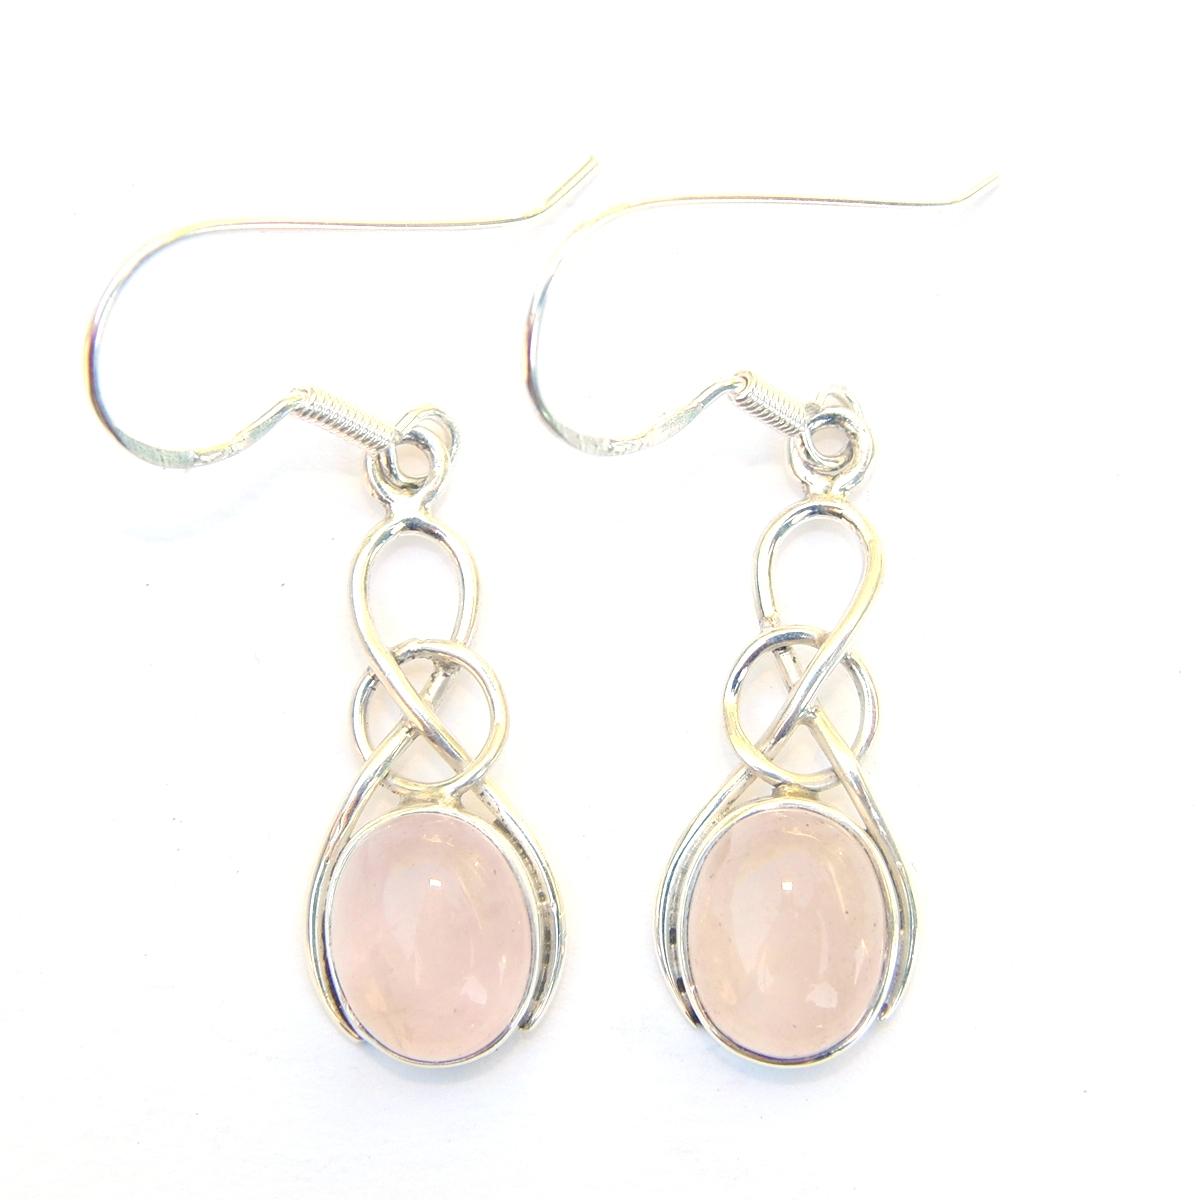 Rose Quartz Oval Knot Earrings